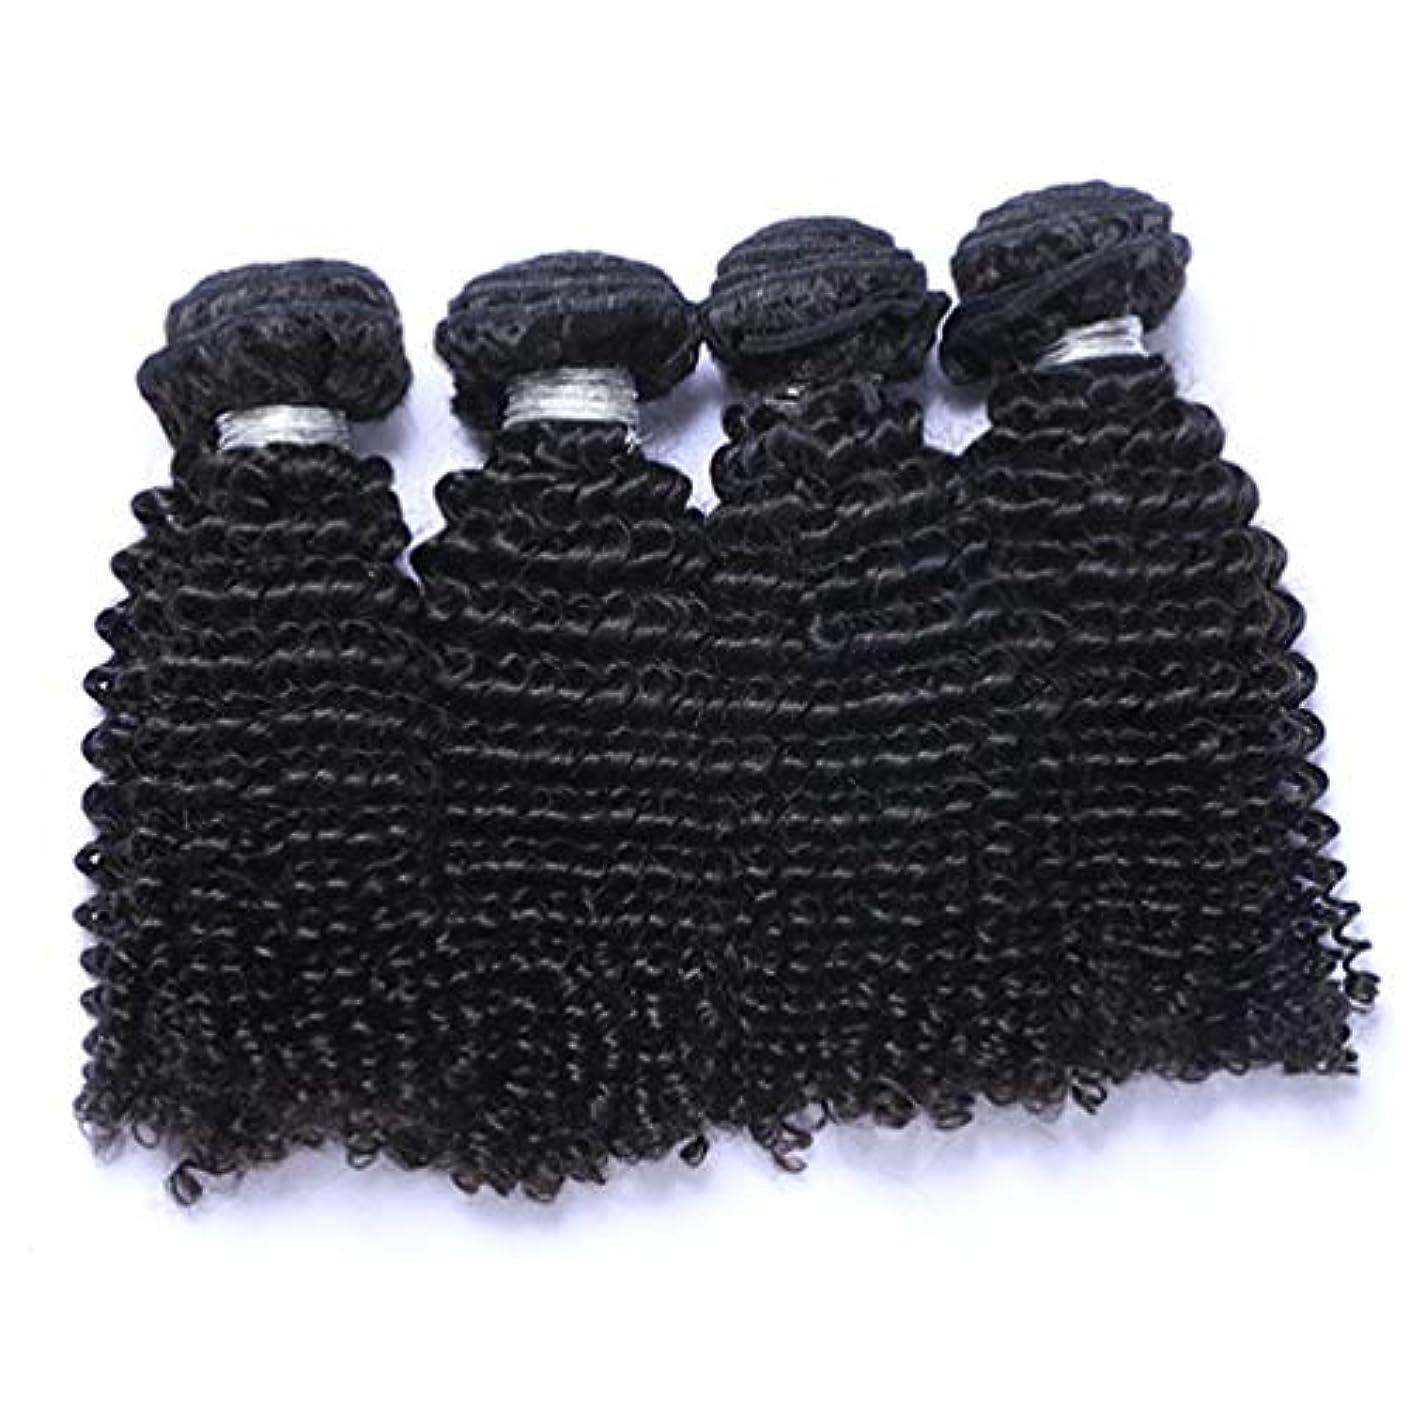 石灰岩応援する動的髪織り未処理ブラジルディープカーリーヘアバンドル本物の人間の髪バンドルバージンブラジル髪バンドル1ピース/パックナチュラルカラー